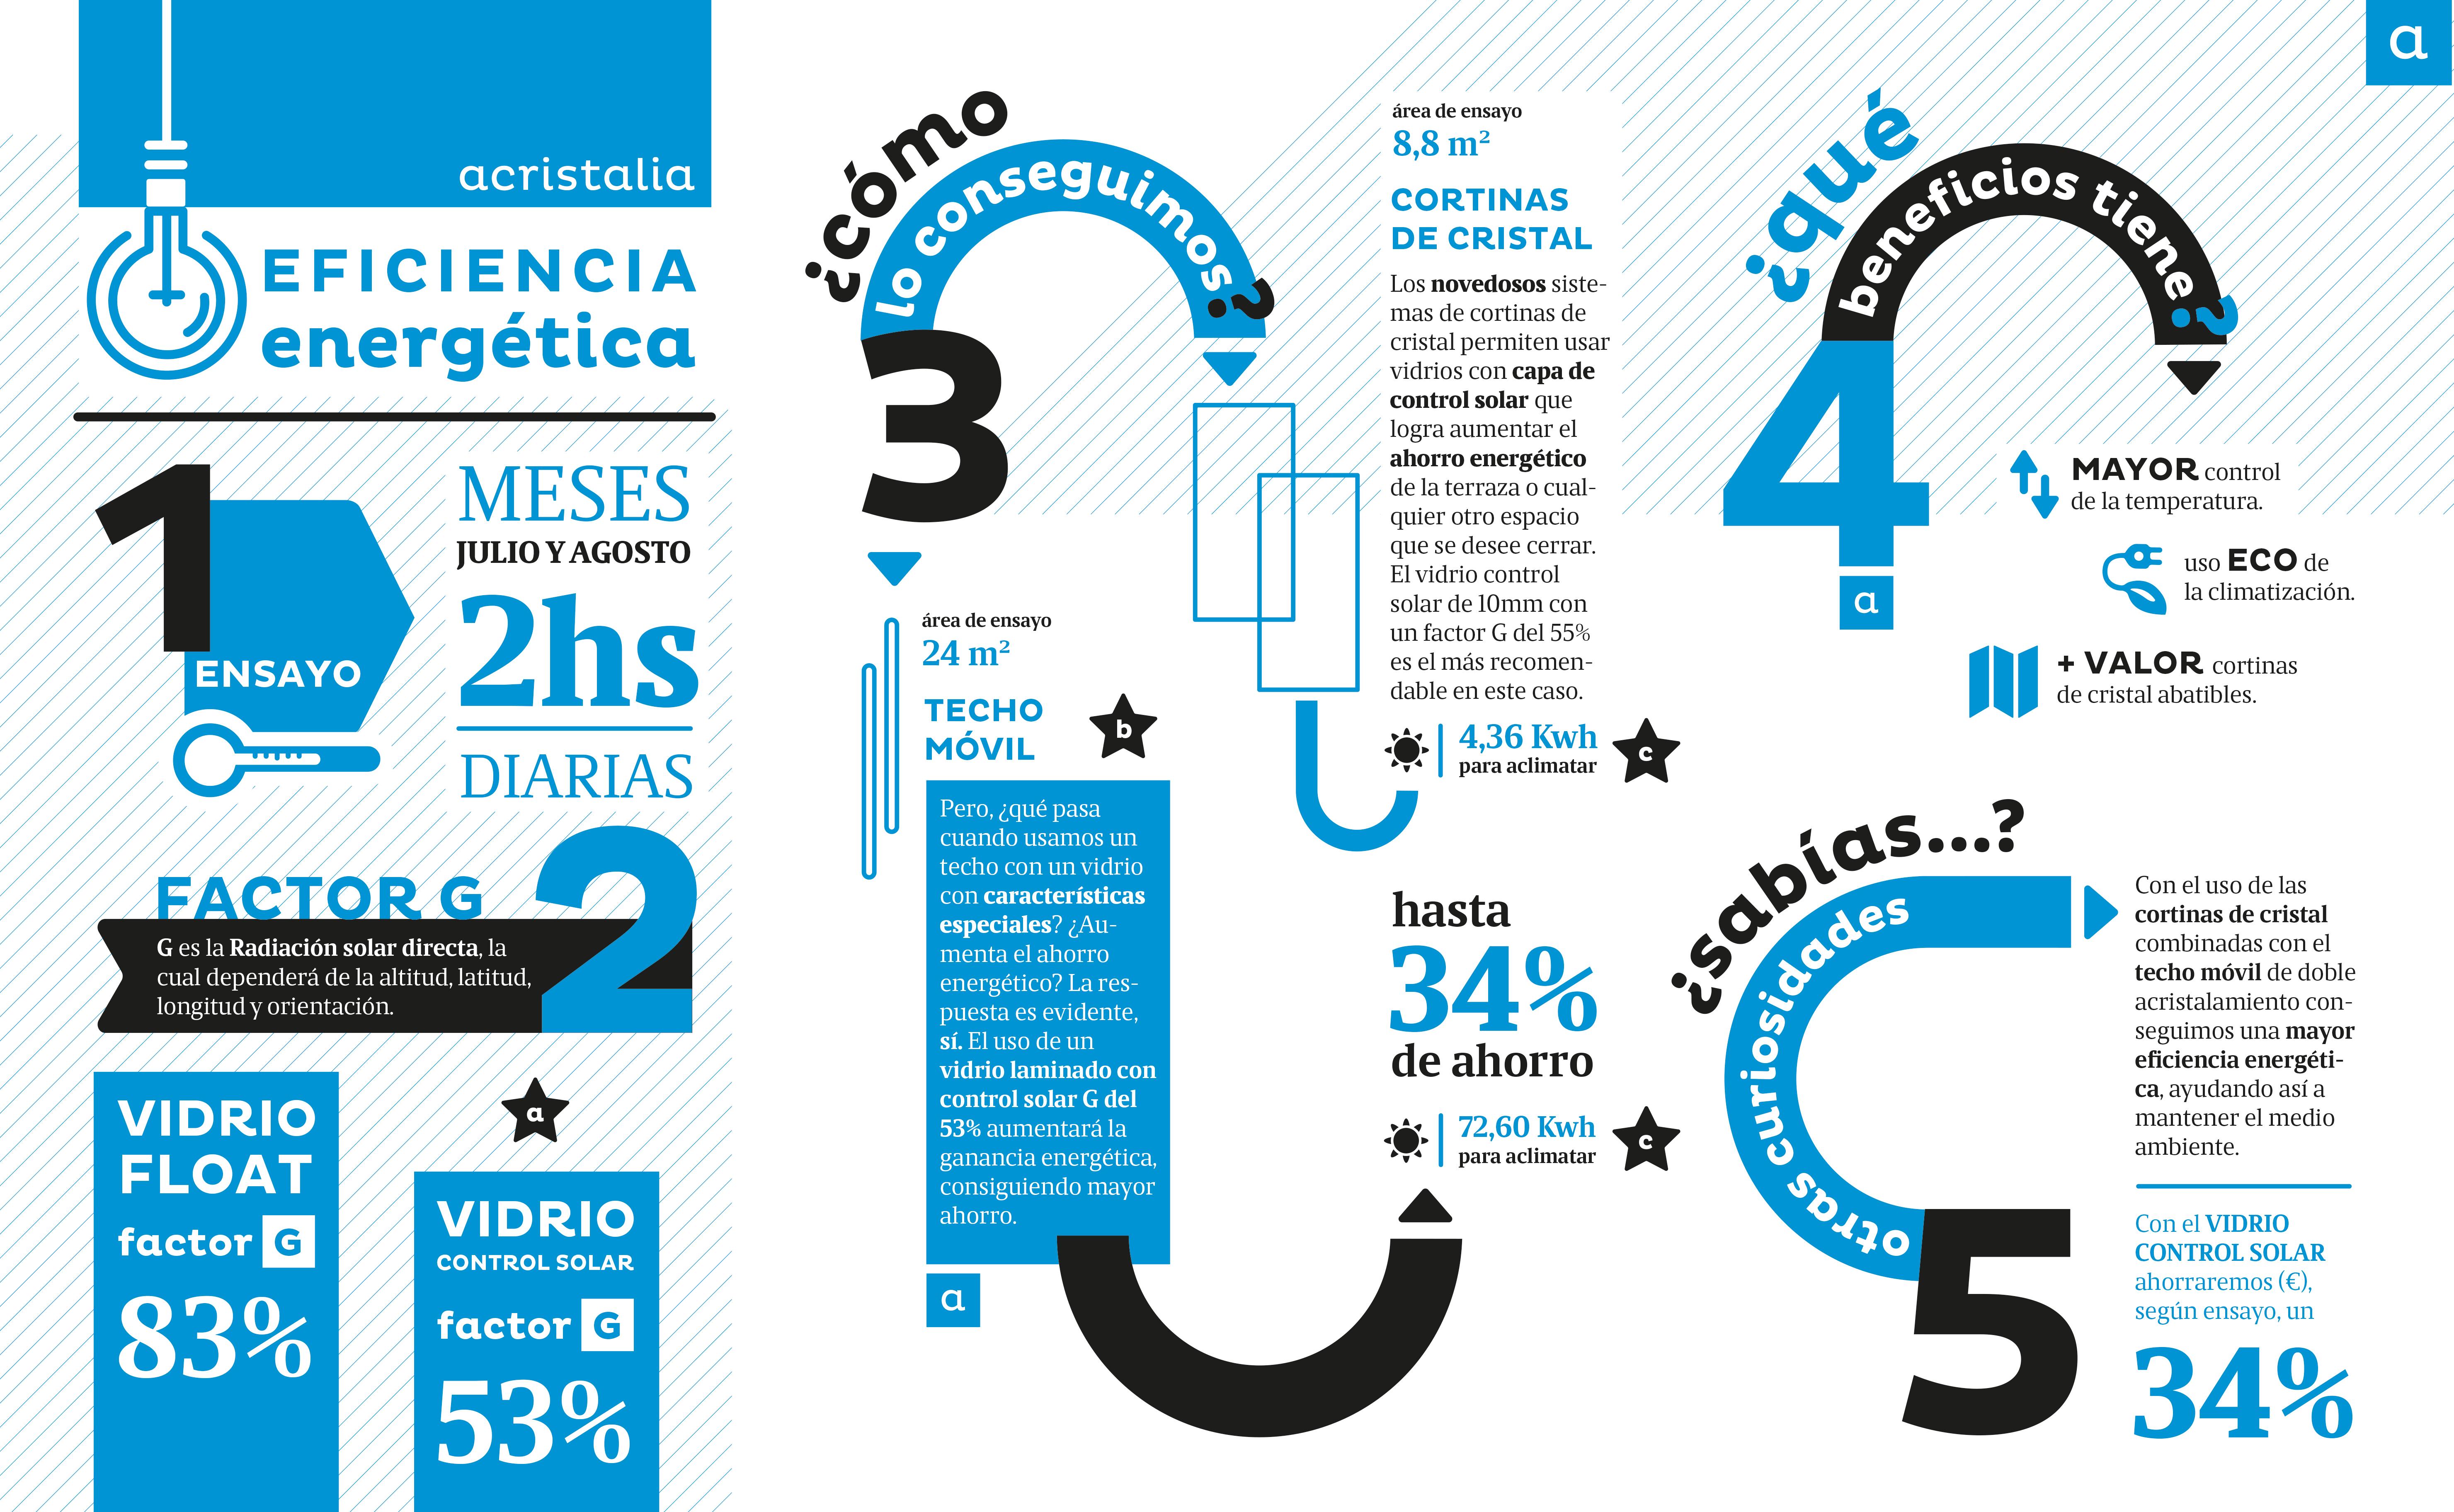 Infografía eficiencia energética - Acristalia